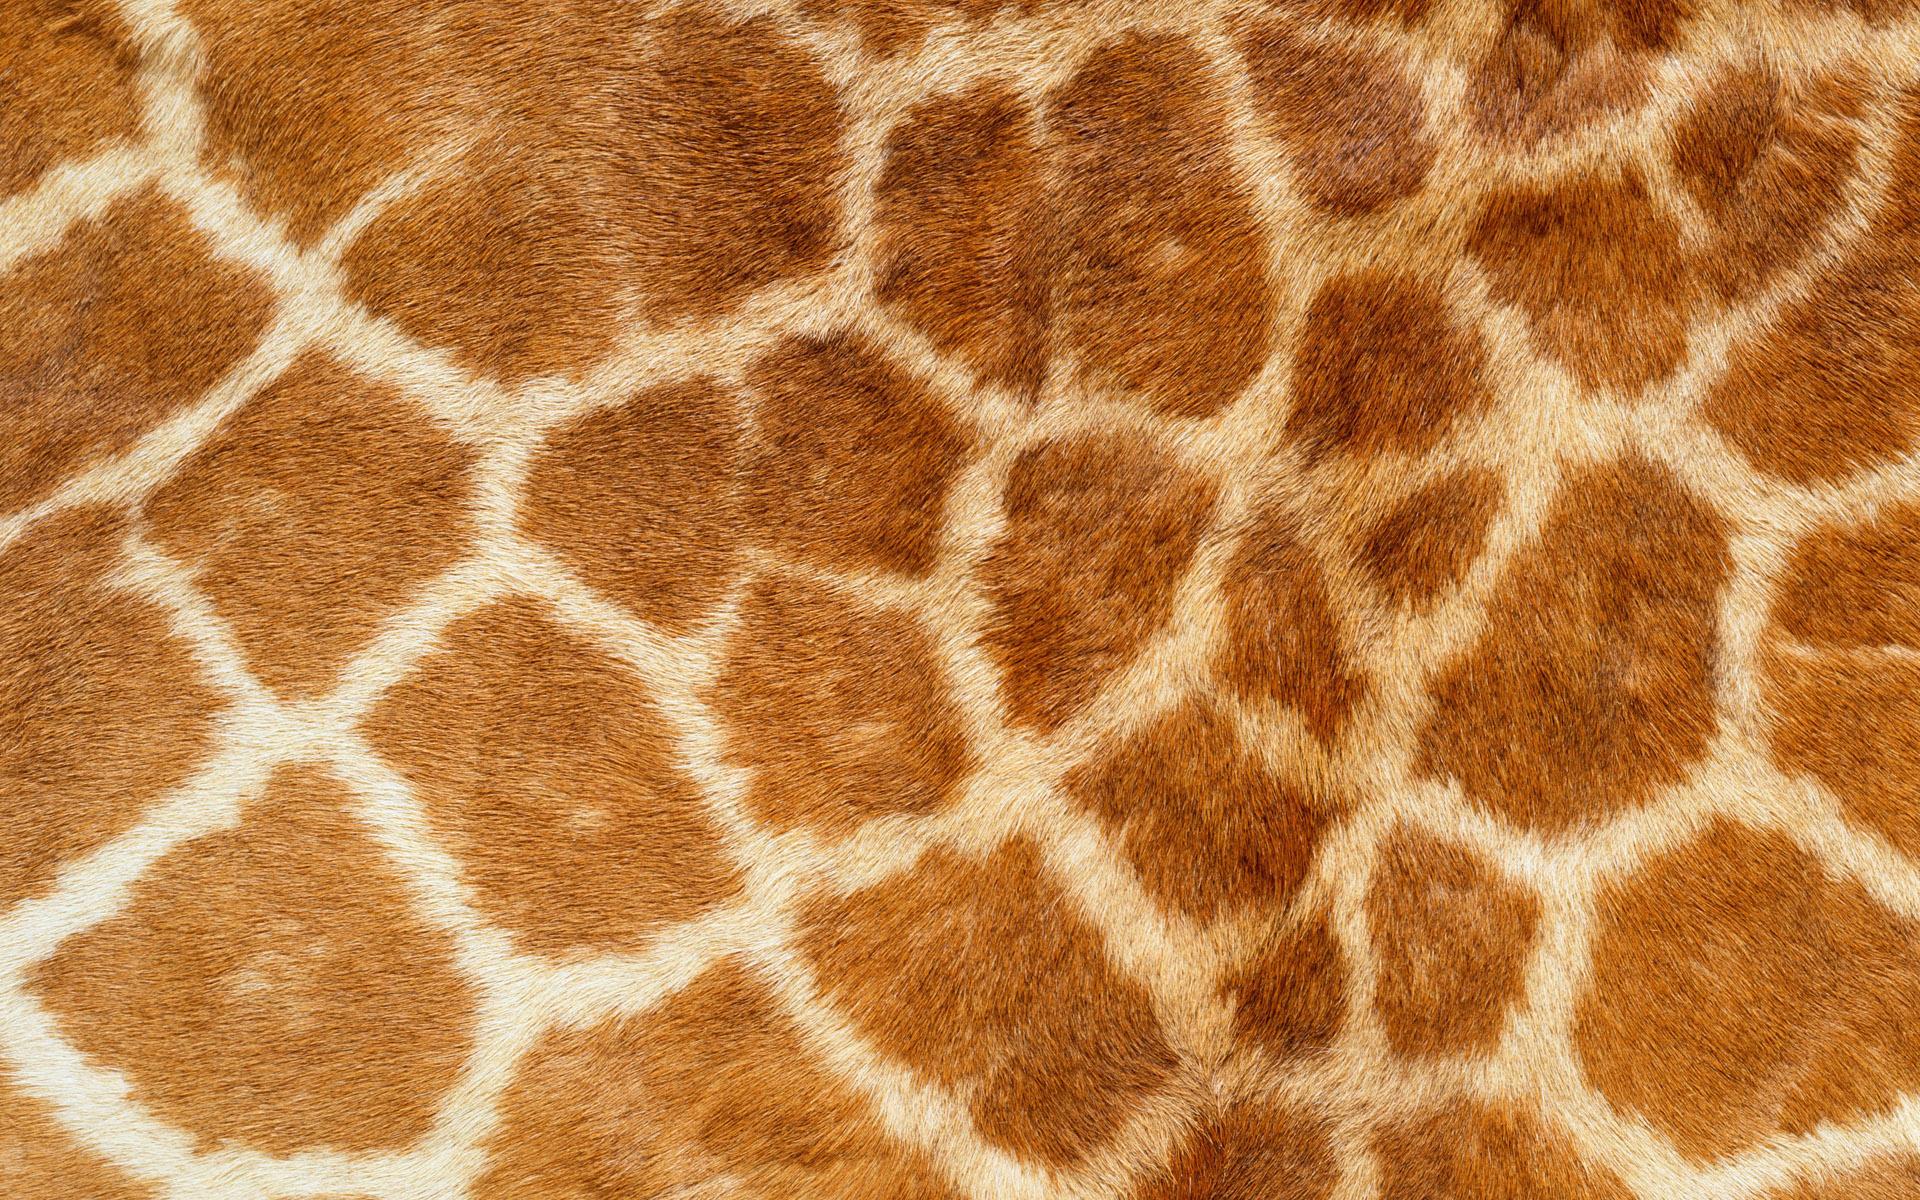 Giraffe Pattern 11460 1920x1200 px ~ HDWallSource.com